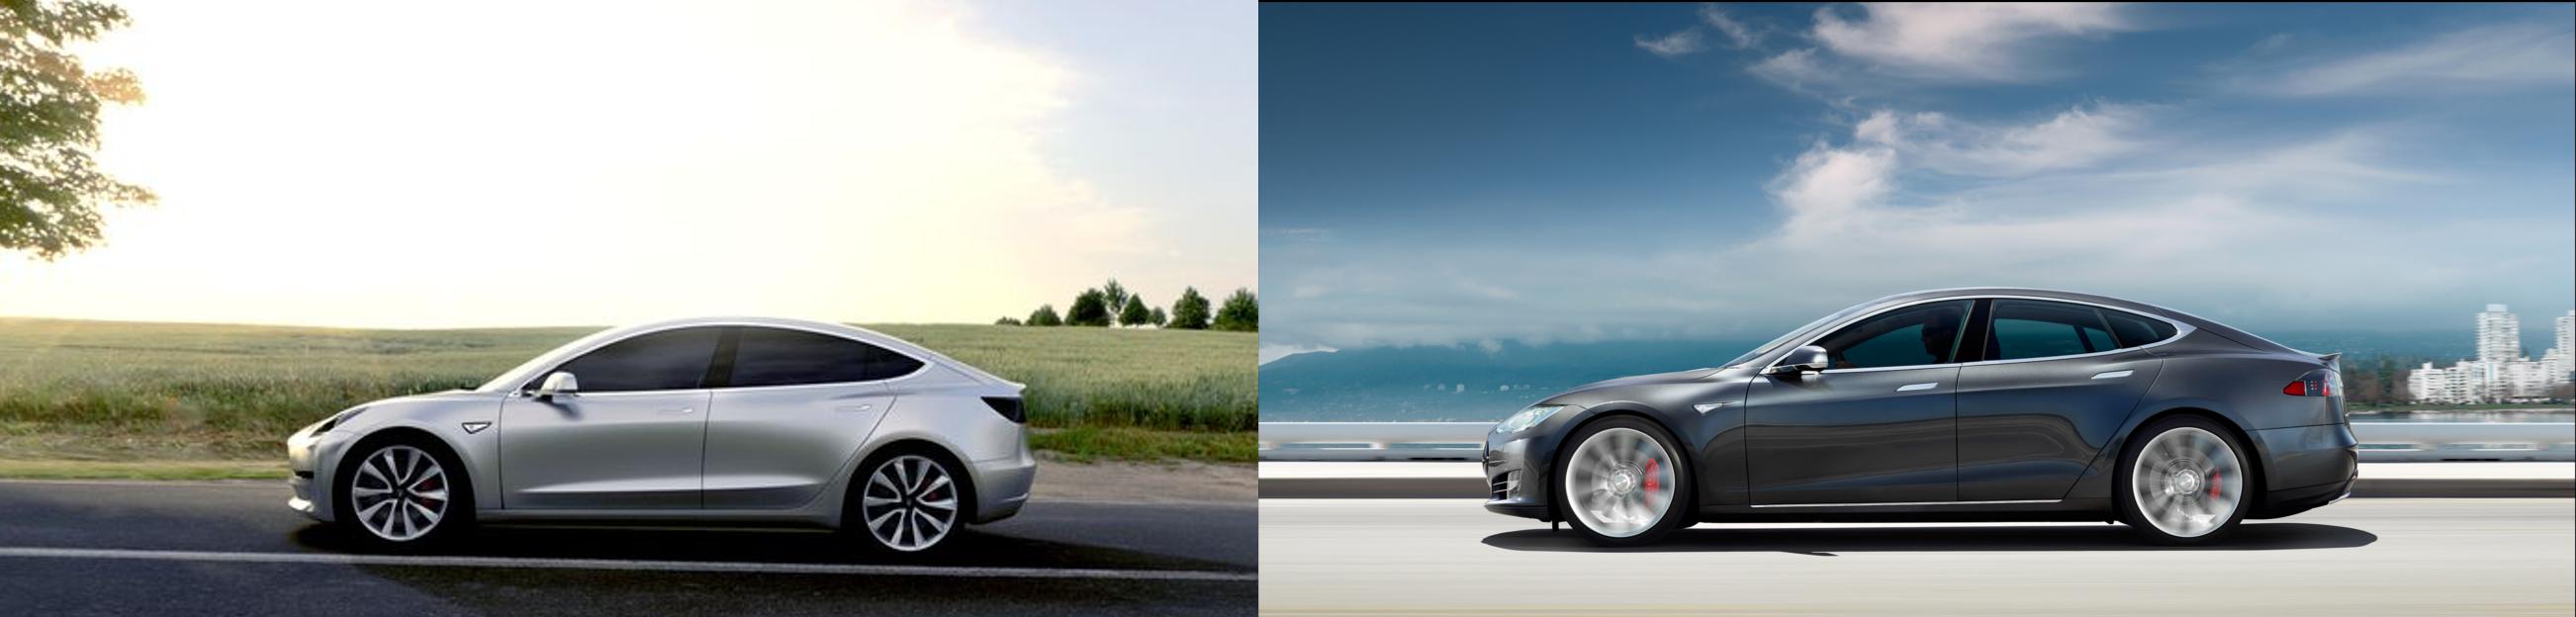 Tesla 3 and Tesla S